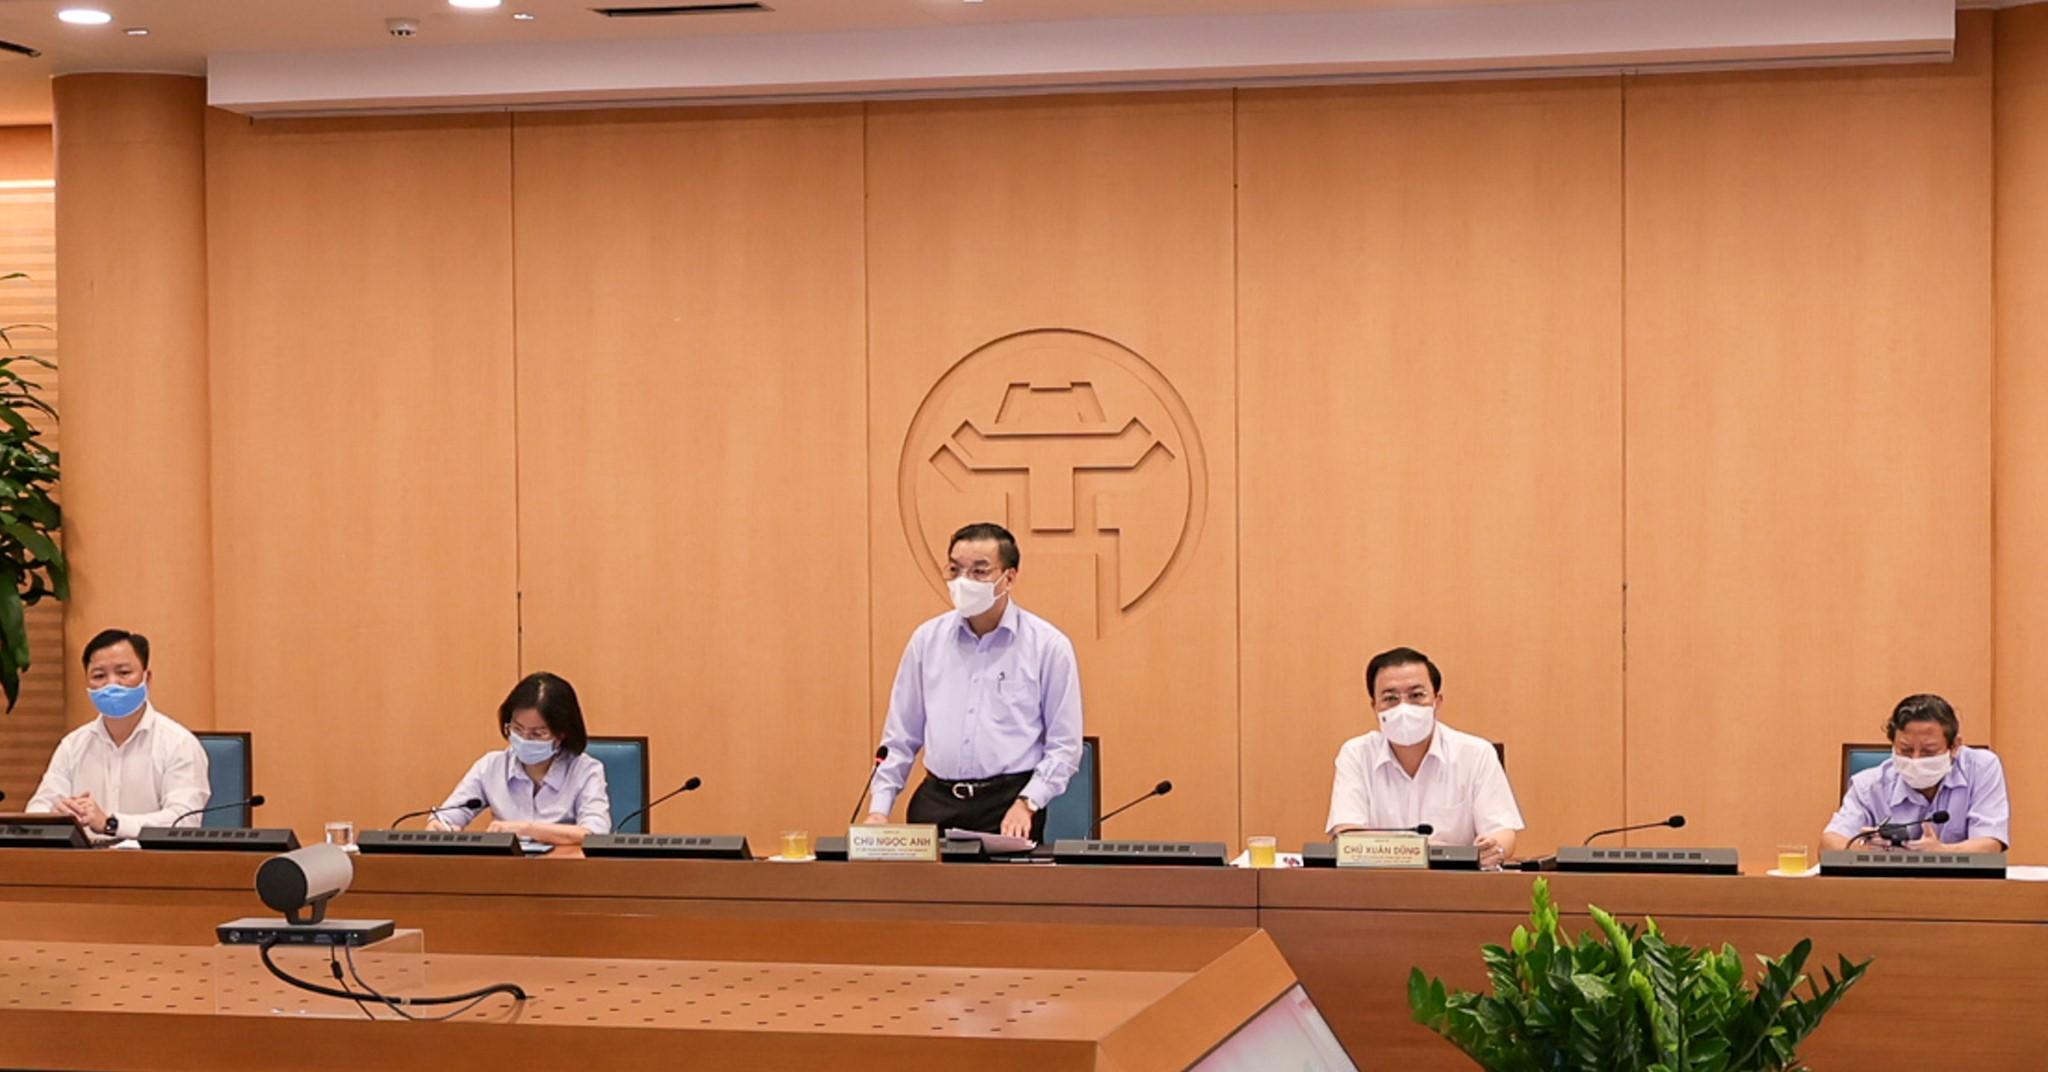 Giám đốc Hacinco mắc COVID-19: Chủ tịch UBND TP Hà Nội yêu cầu công an vào cuộc - 1